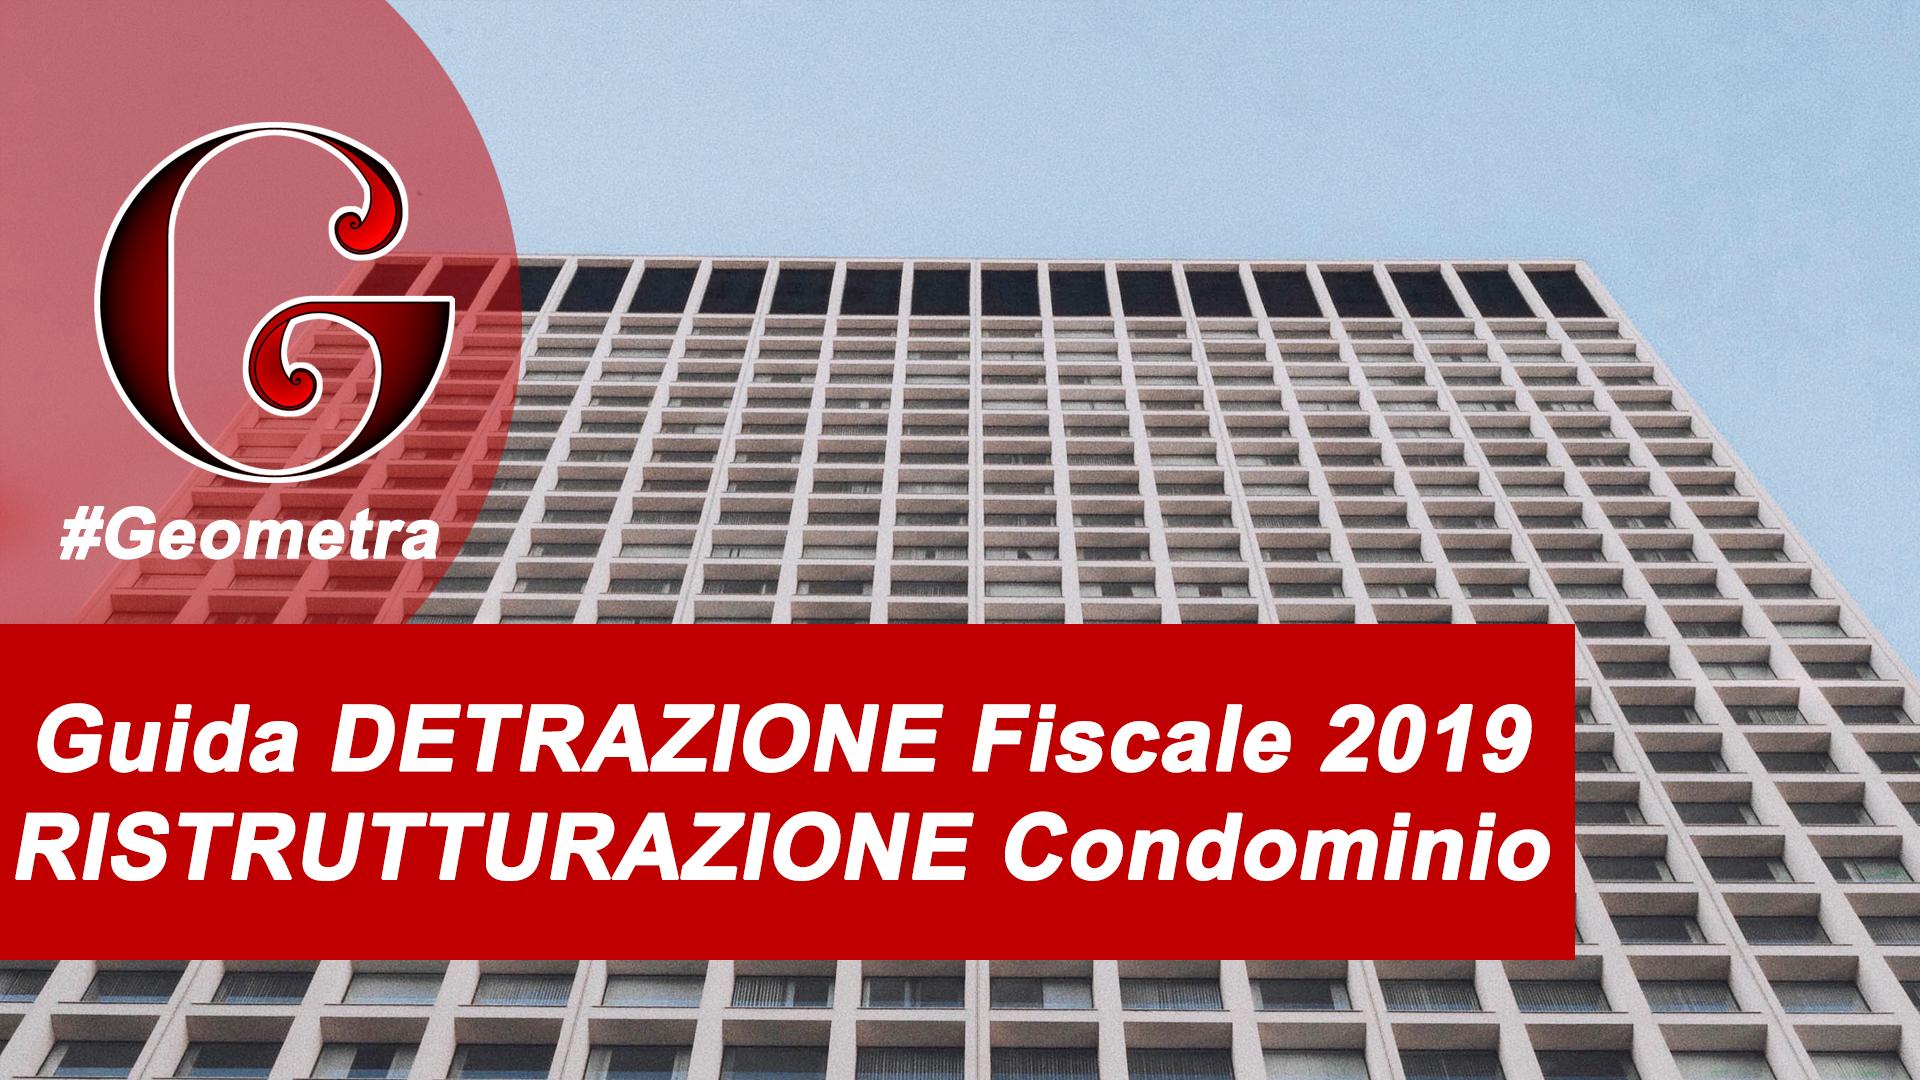 Detrazione Tinteggiatura Interna 2016 guida ristrutturazione condominio detrazione fiscale 2019